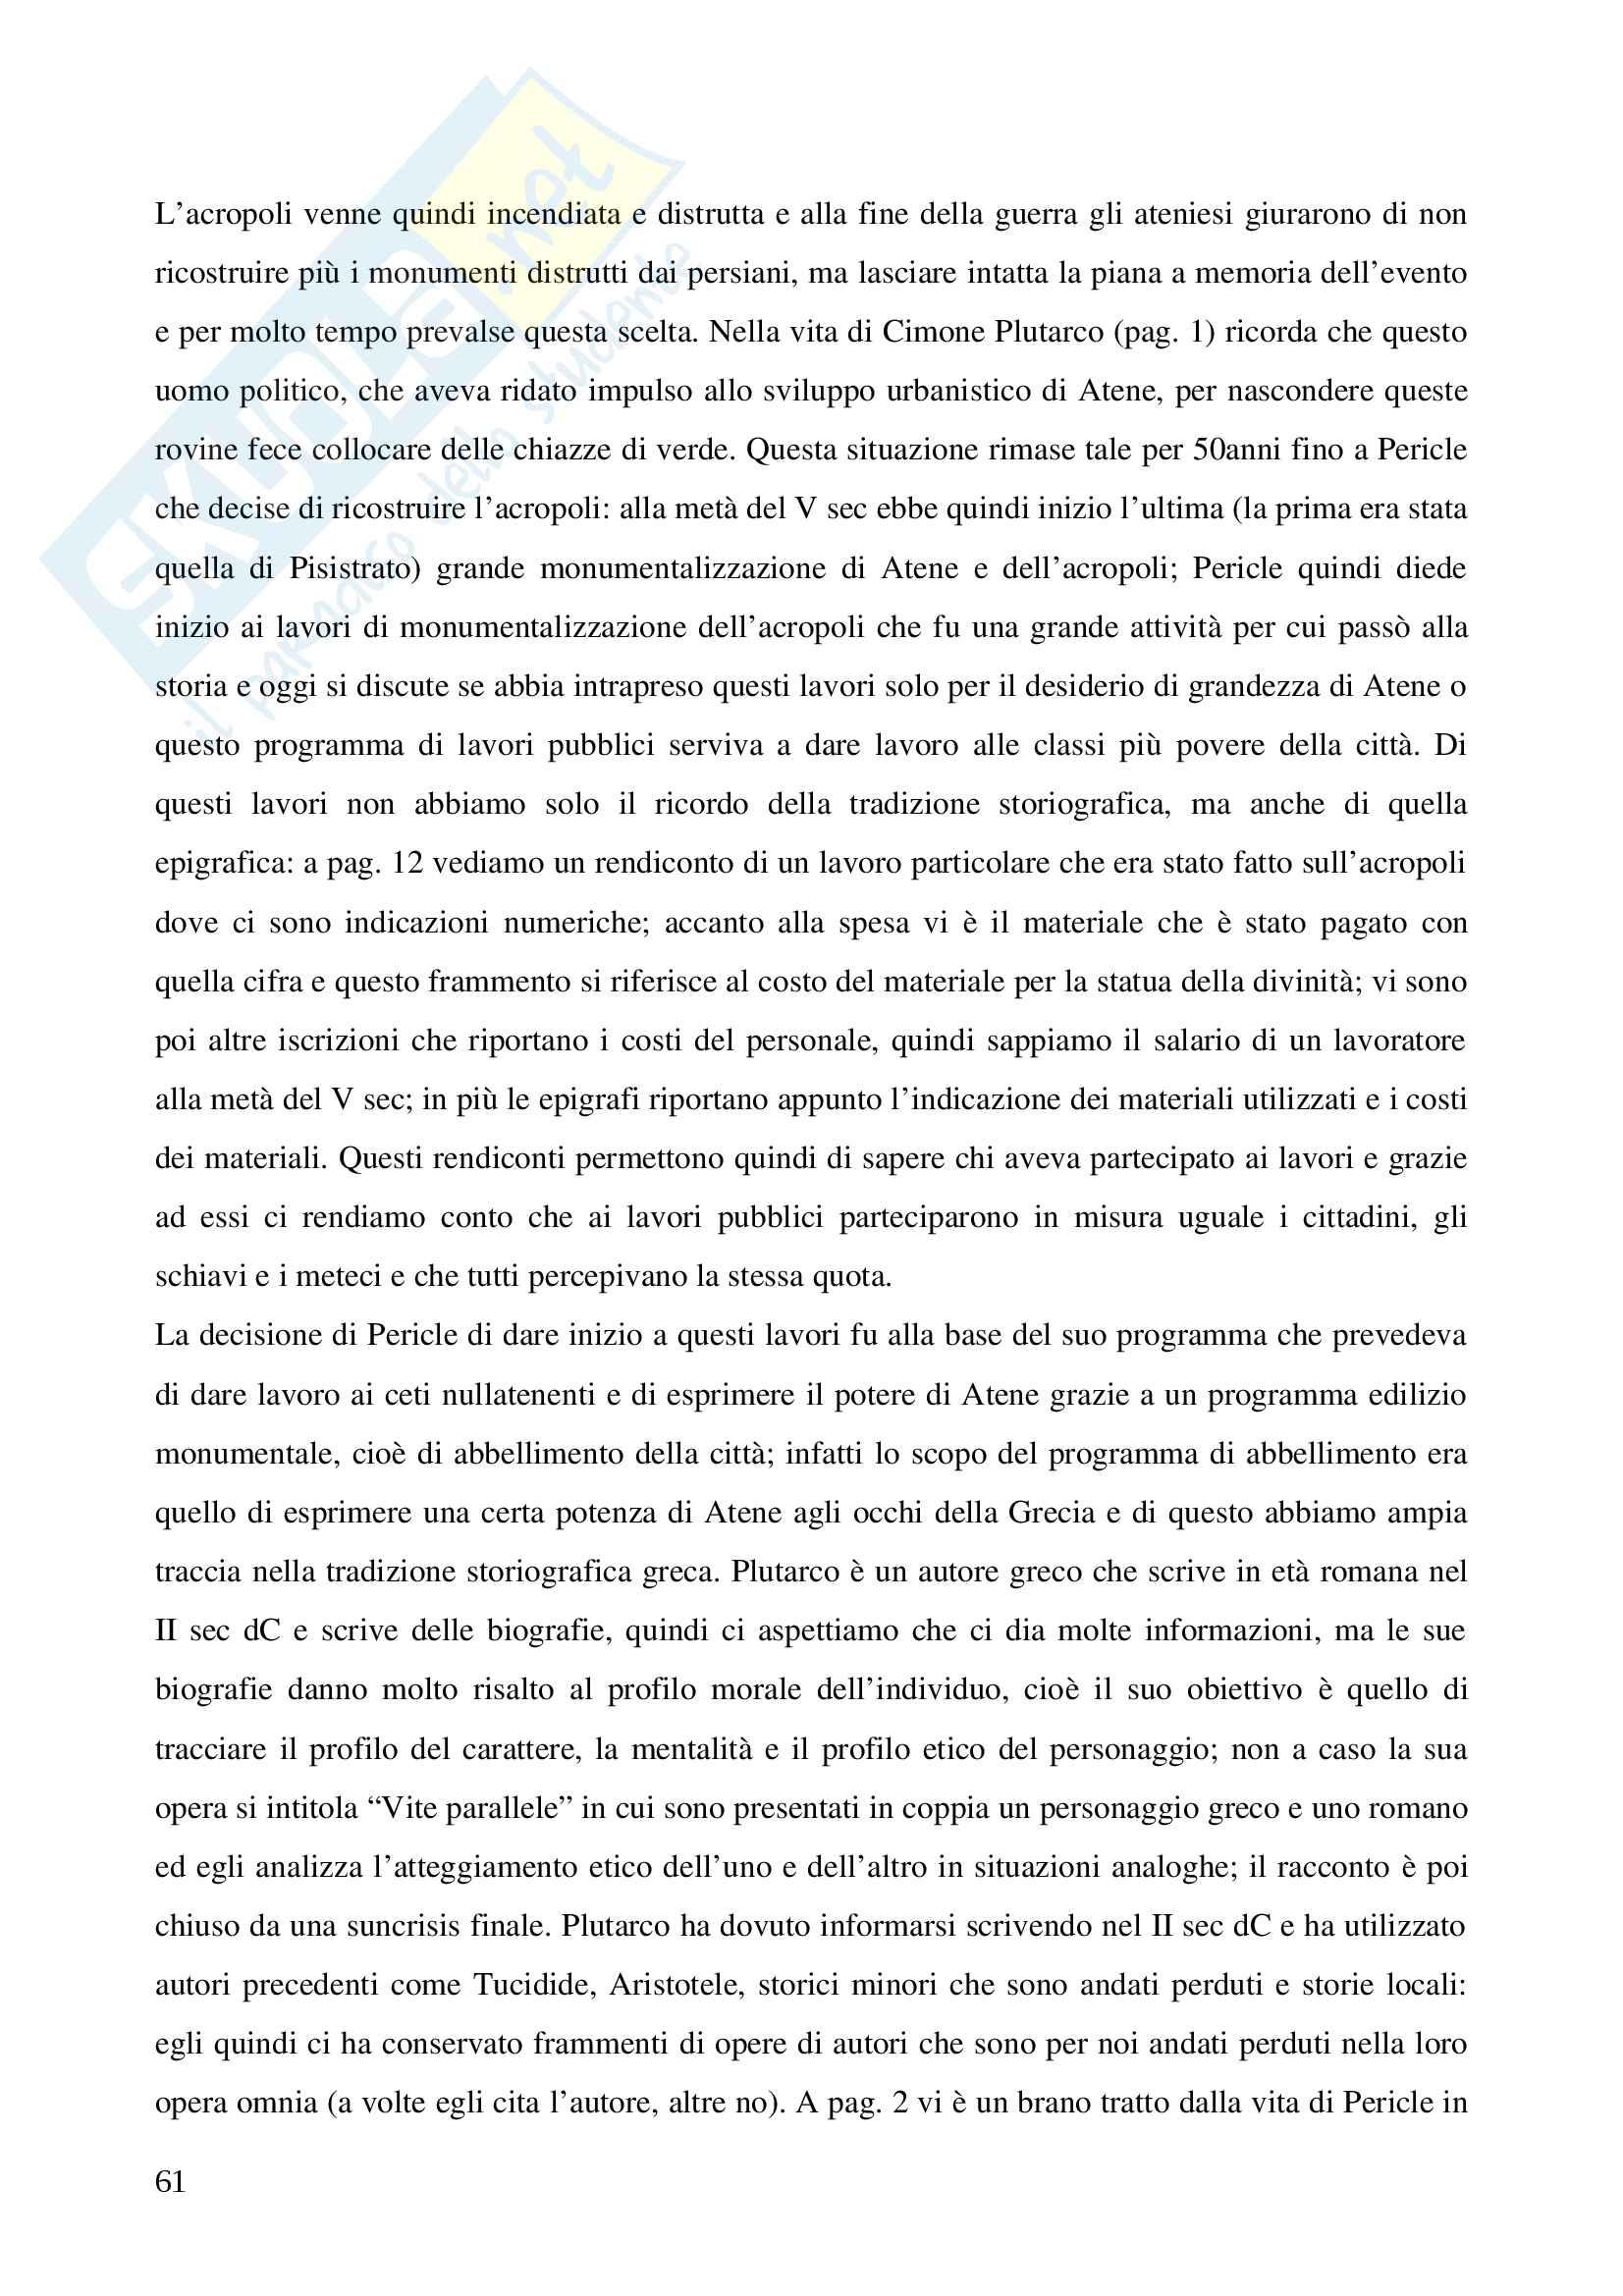 Storia greca, triennale Pag. 61